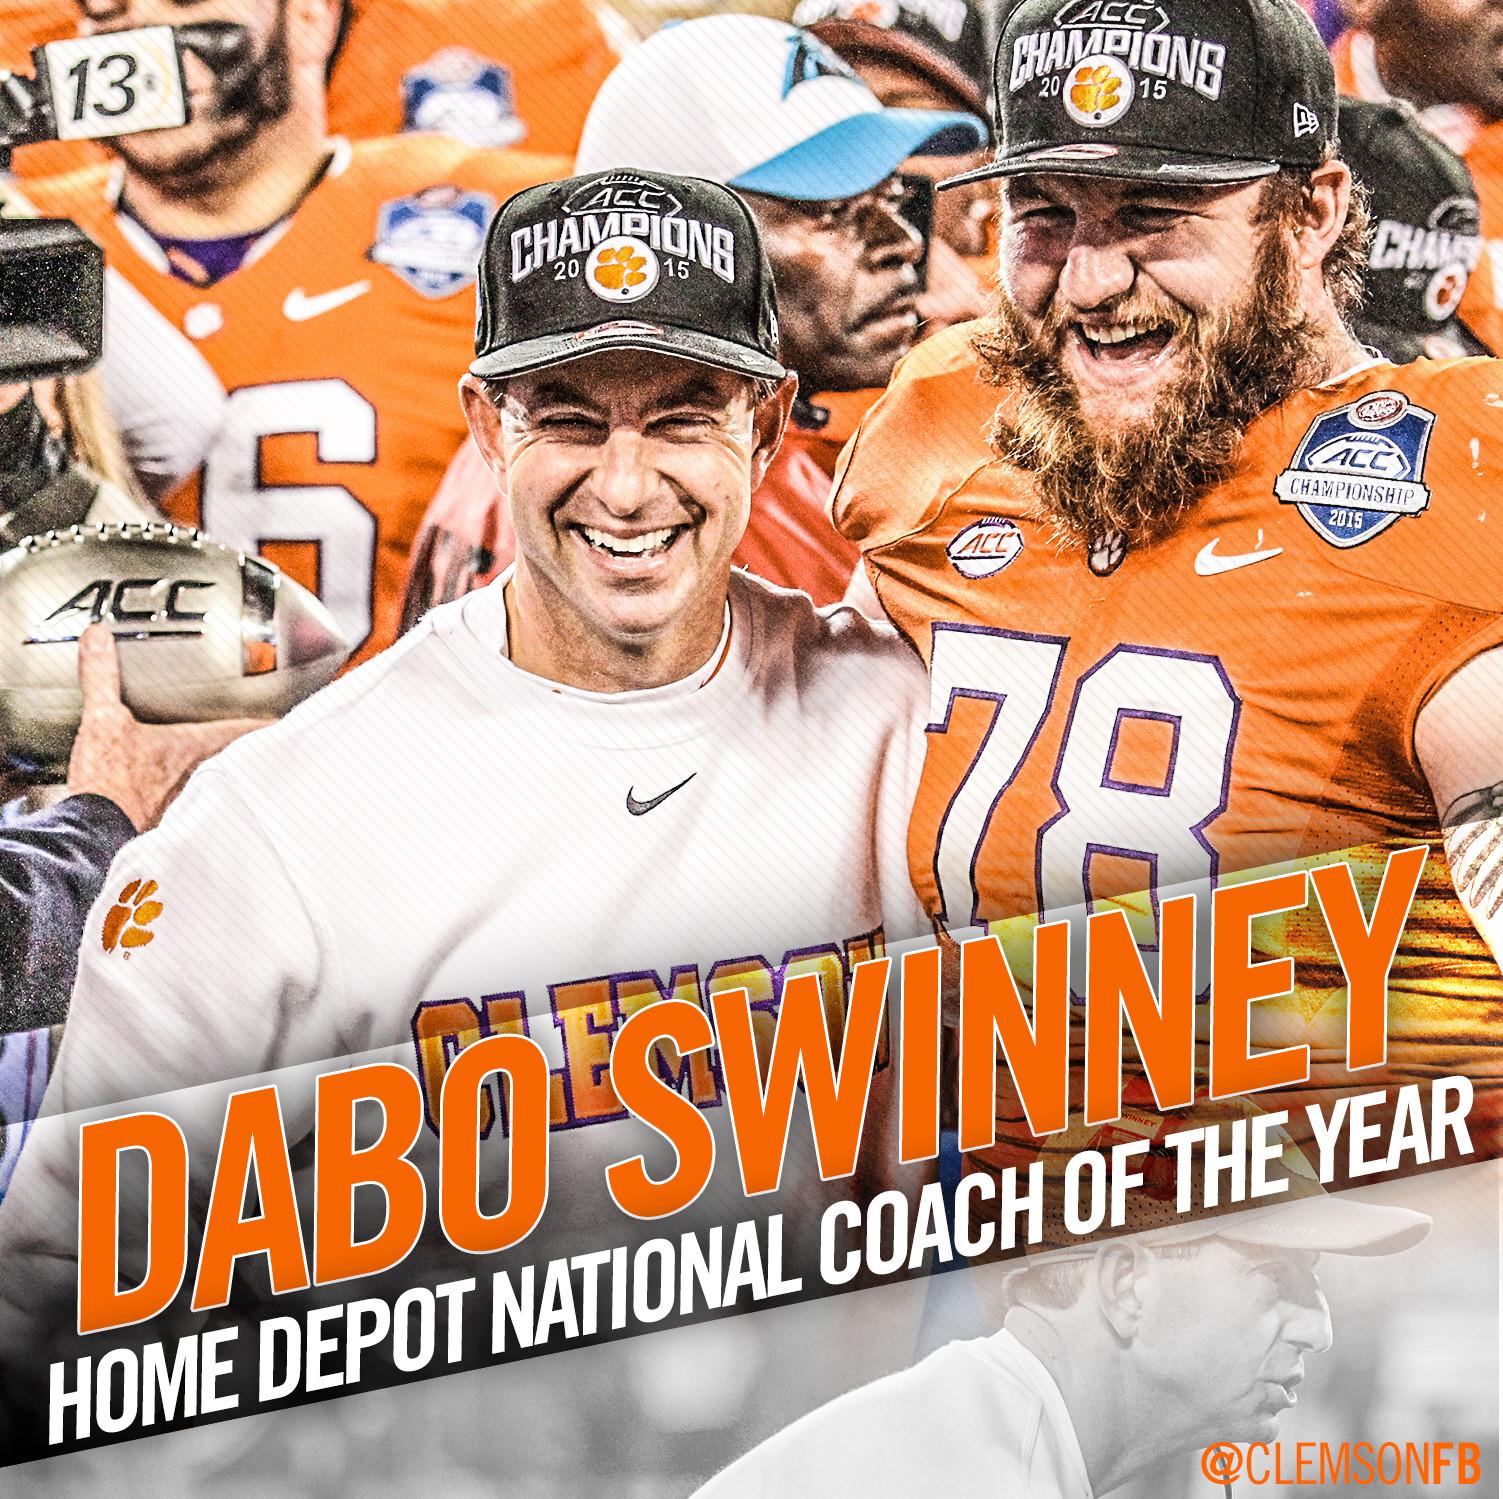 Dabo Swinney ? Coach of the Year